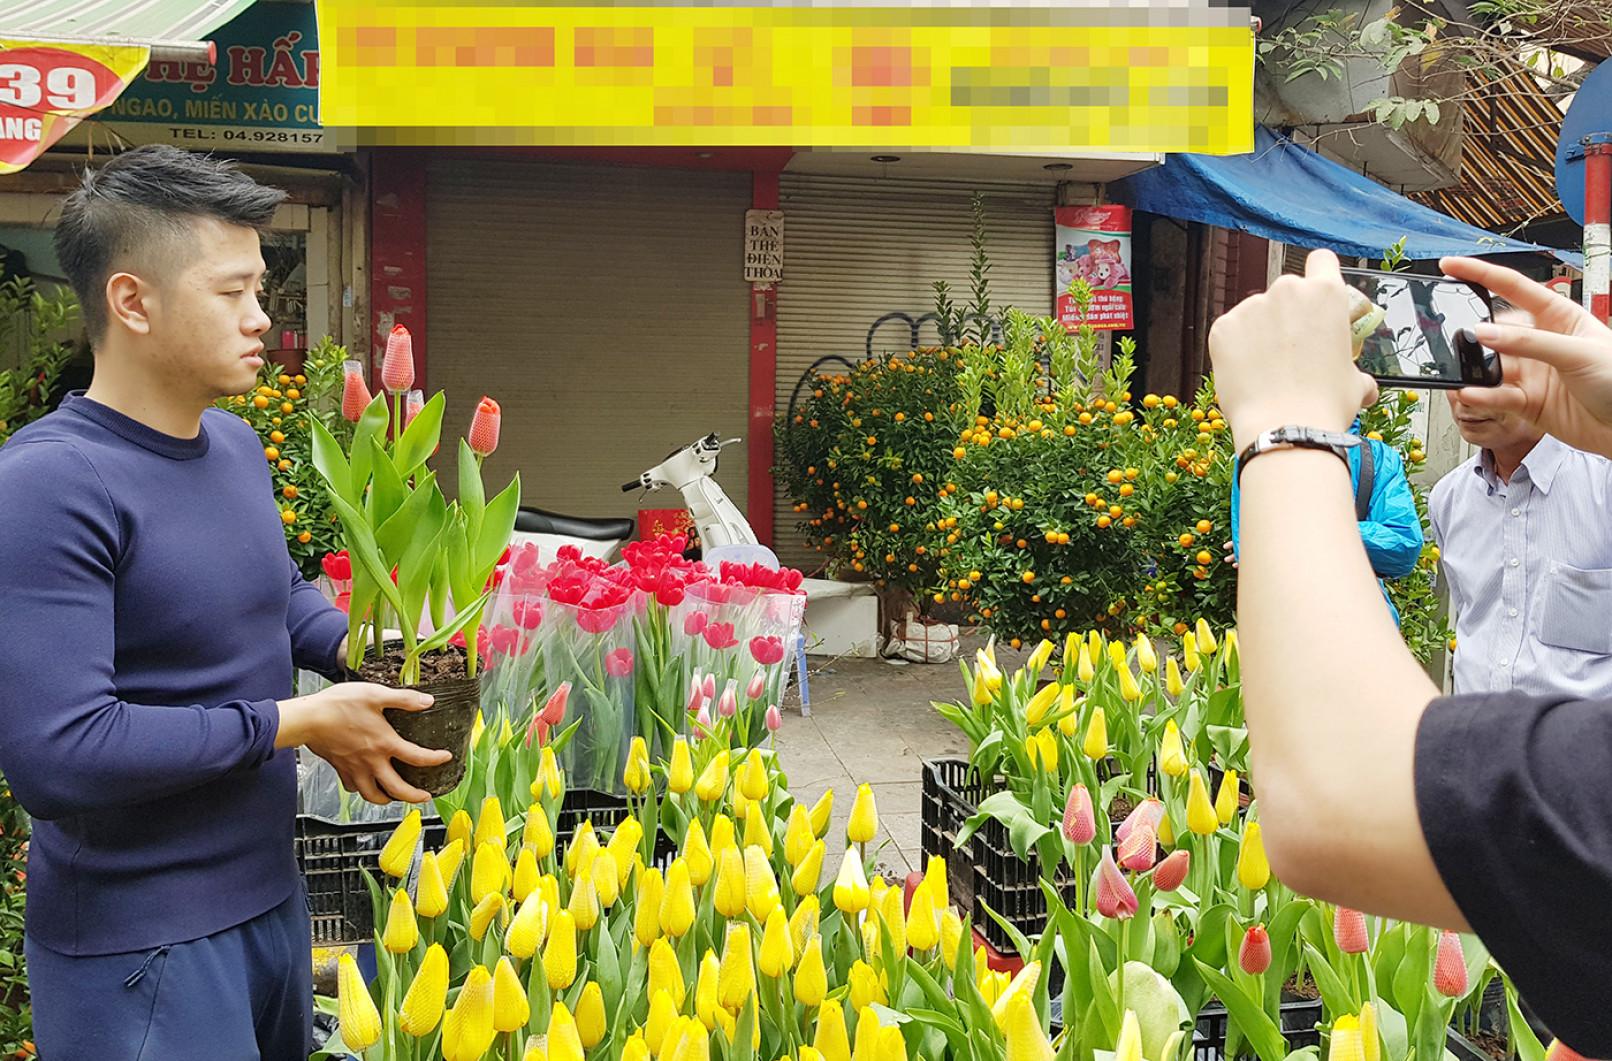 Hoa tulip giá 30.000 đồng/bông được các bạn trẻ ưa chuộng